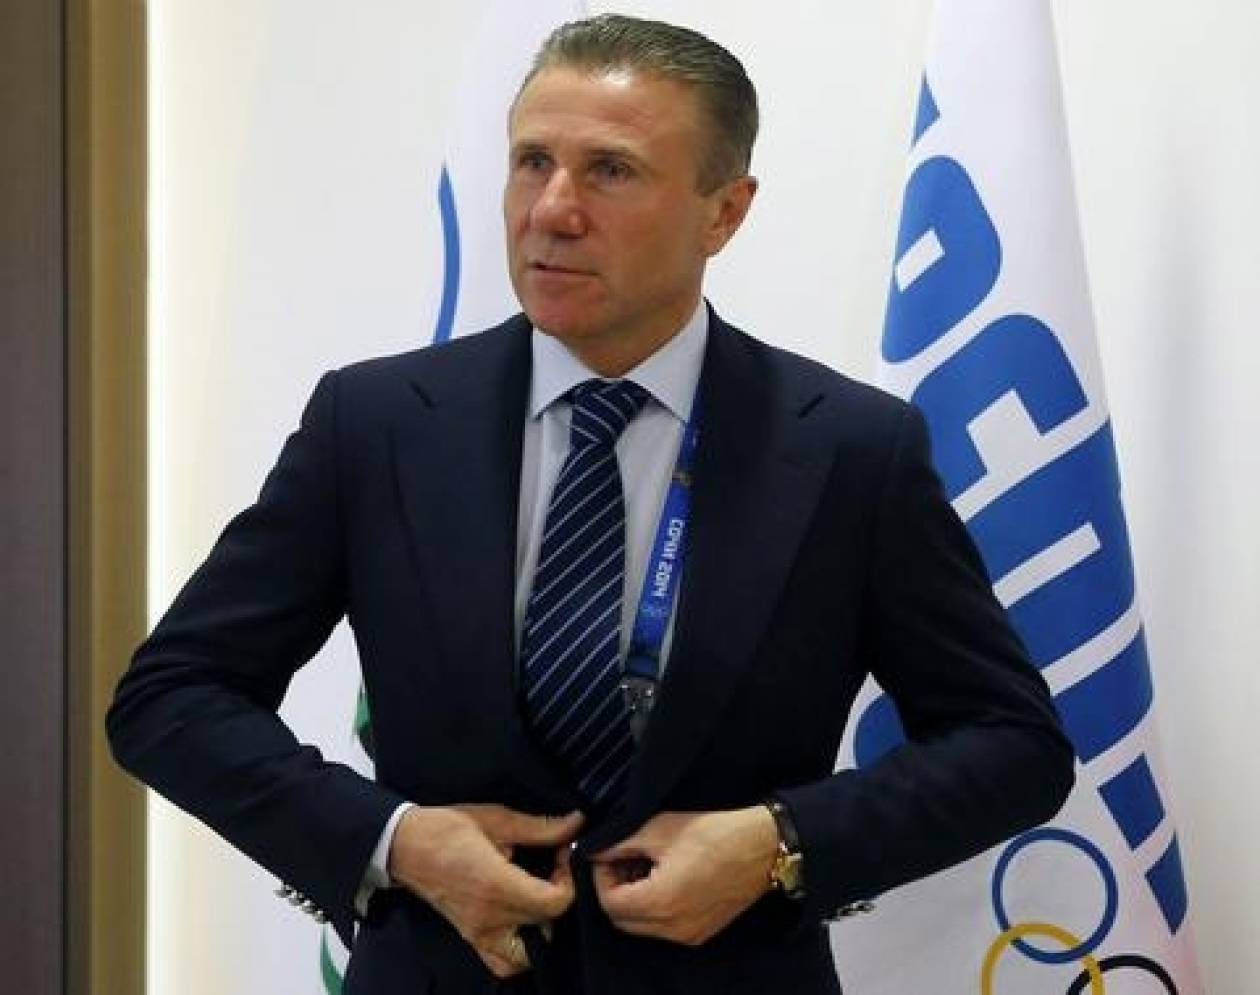 Κίεβο: Έκκληση Μπούμπκα να σταματήσει η αιματοχυσία